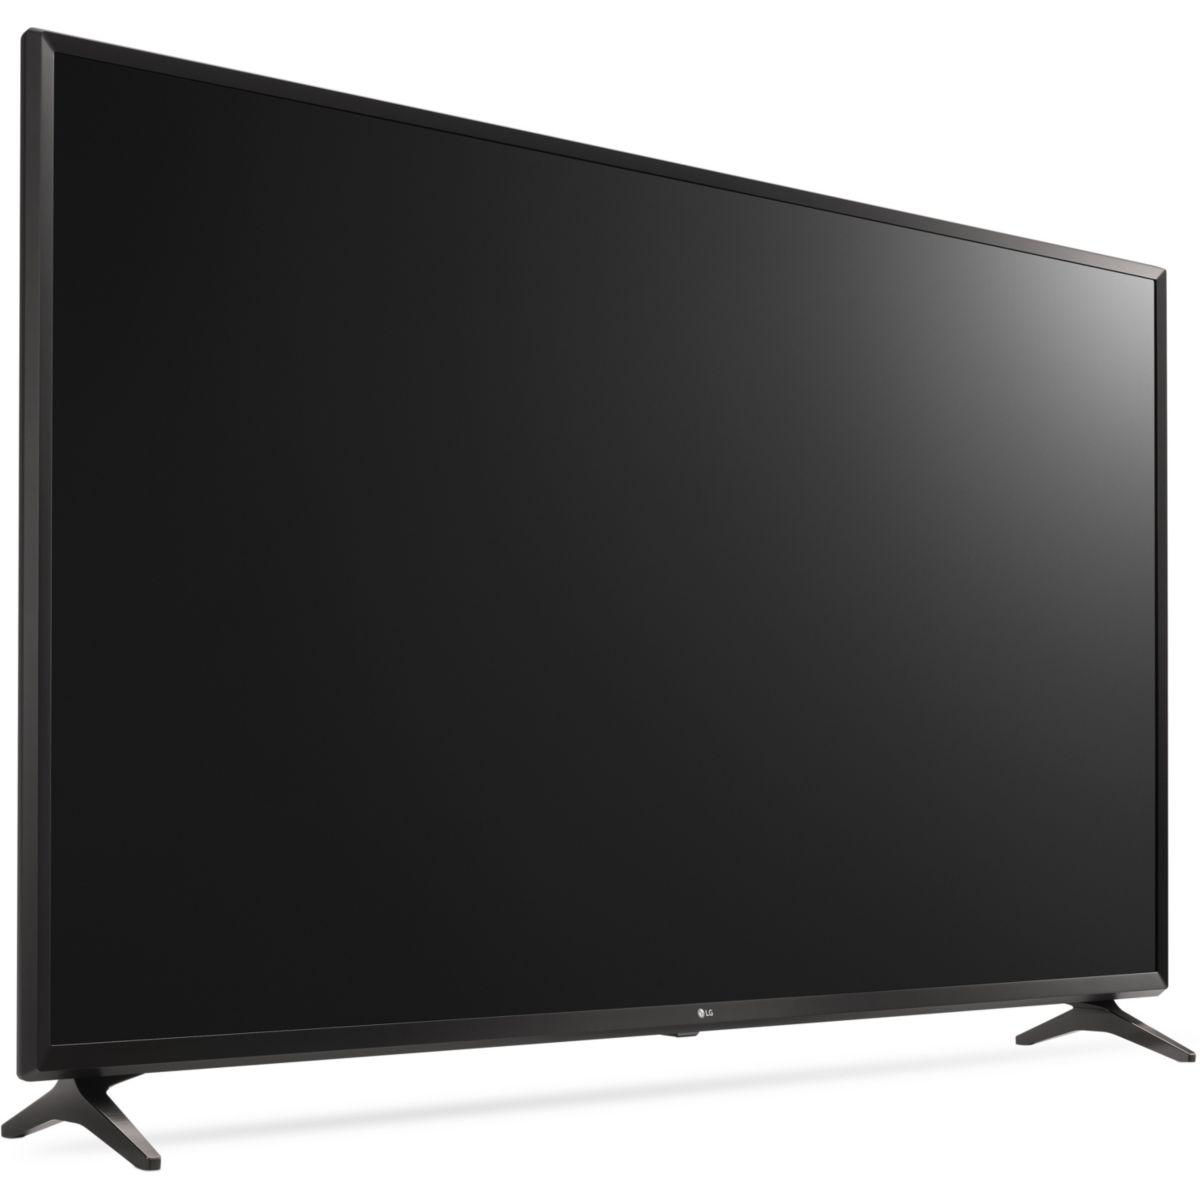 smart led tv 4k ultra hd 49 lg 49uj630v gebraucht back. Black Bedroom Furniture Sets. Home Design Ideas